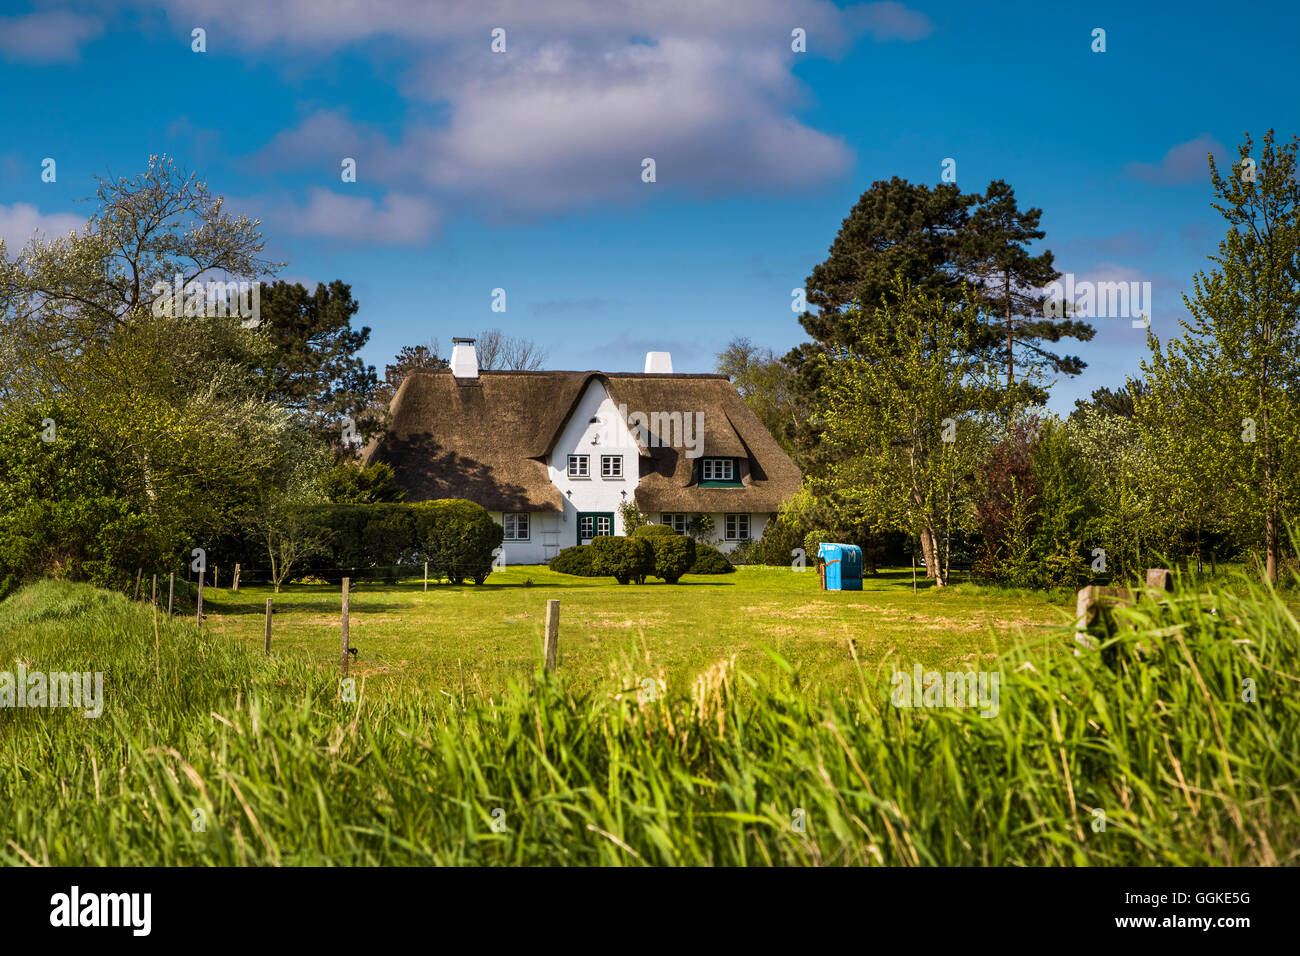 Thatched house, Nebel, Amrum Island, North Frisian Islands, Schleswig-Holstein, Germany - Stock Image